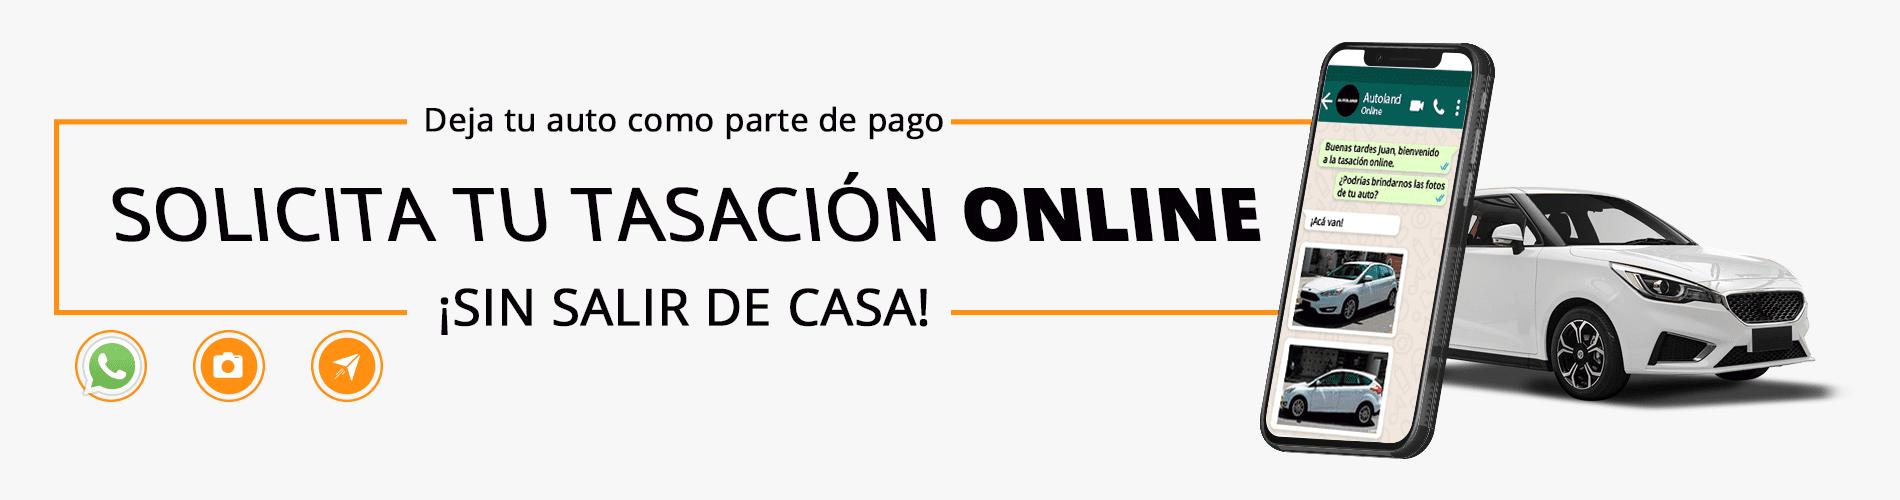 Solicita tu tasación online